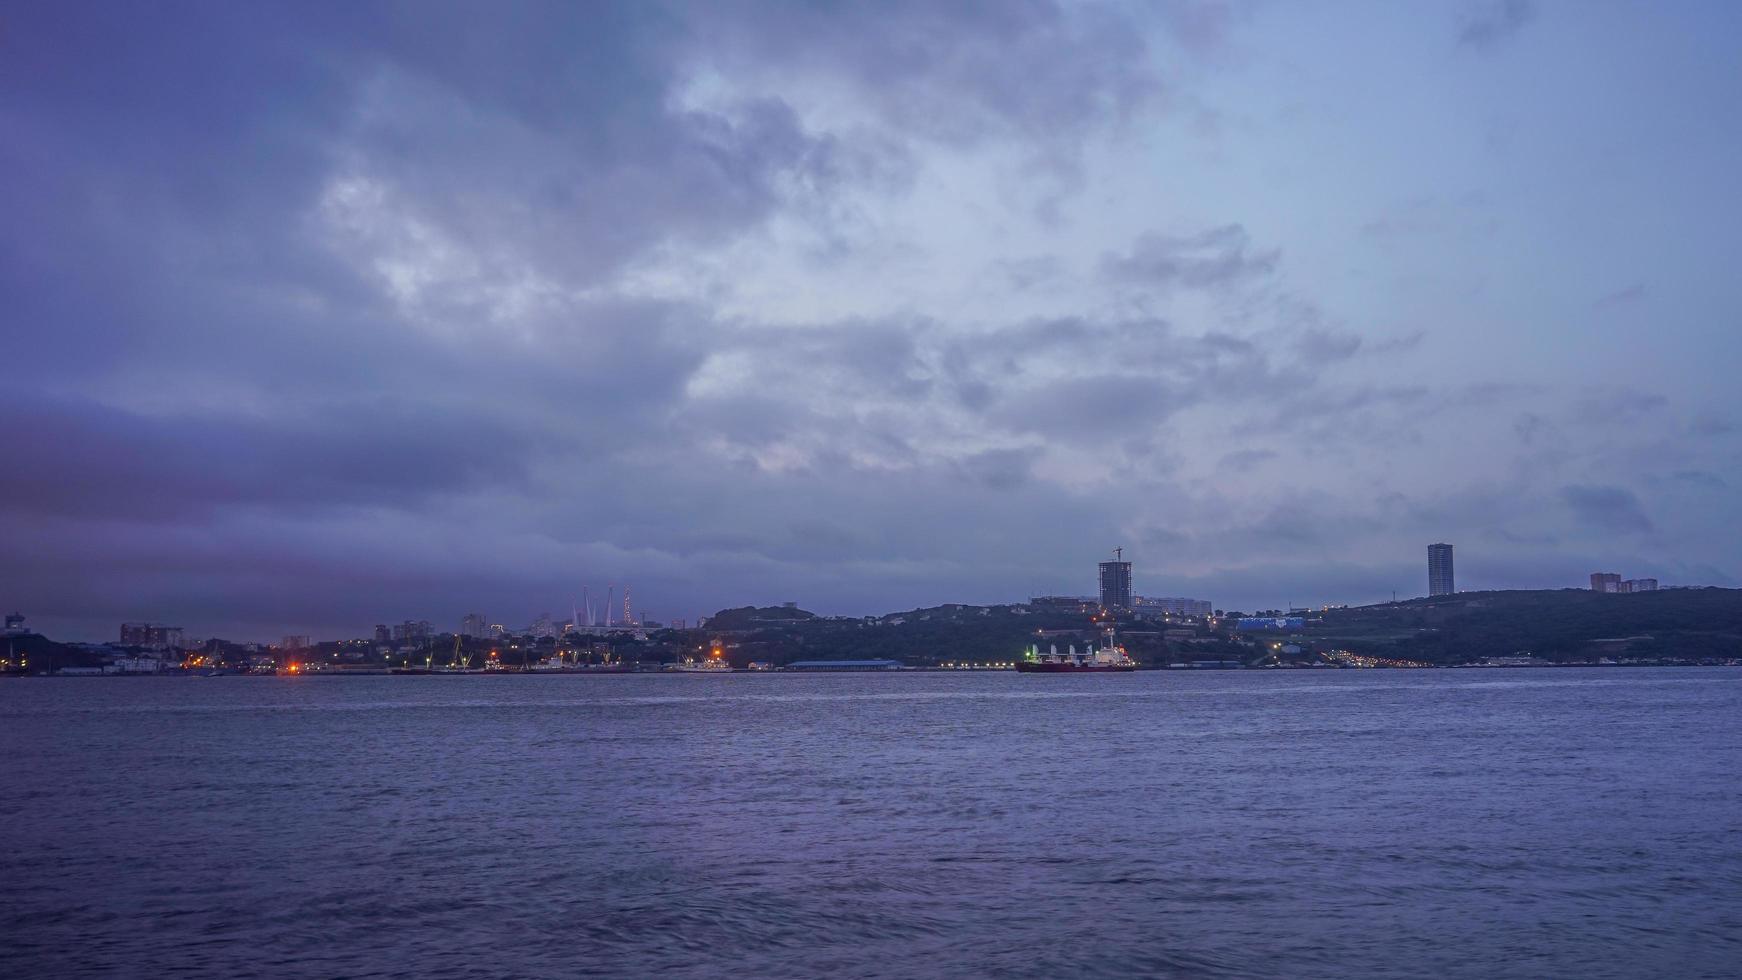 paesaggio marino con navi in un porto di notte a vladivostok, russia foto